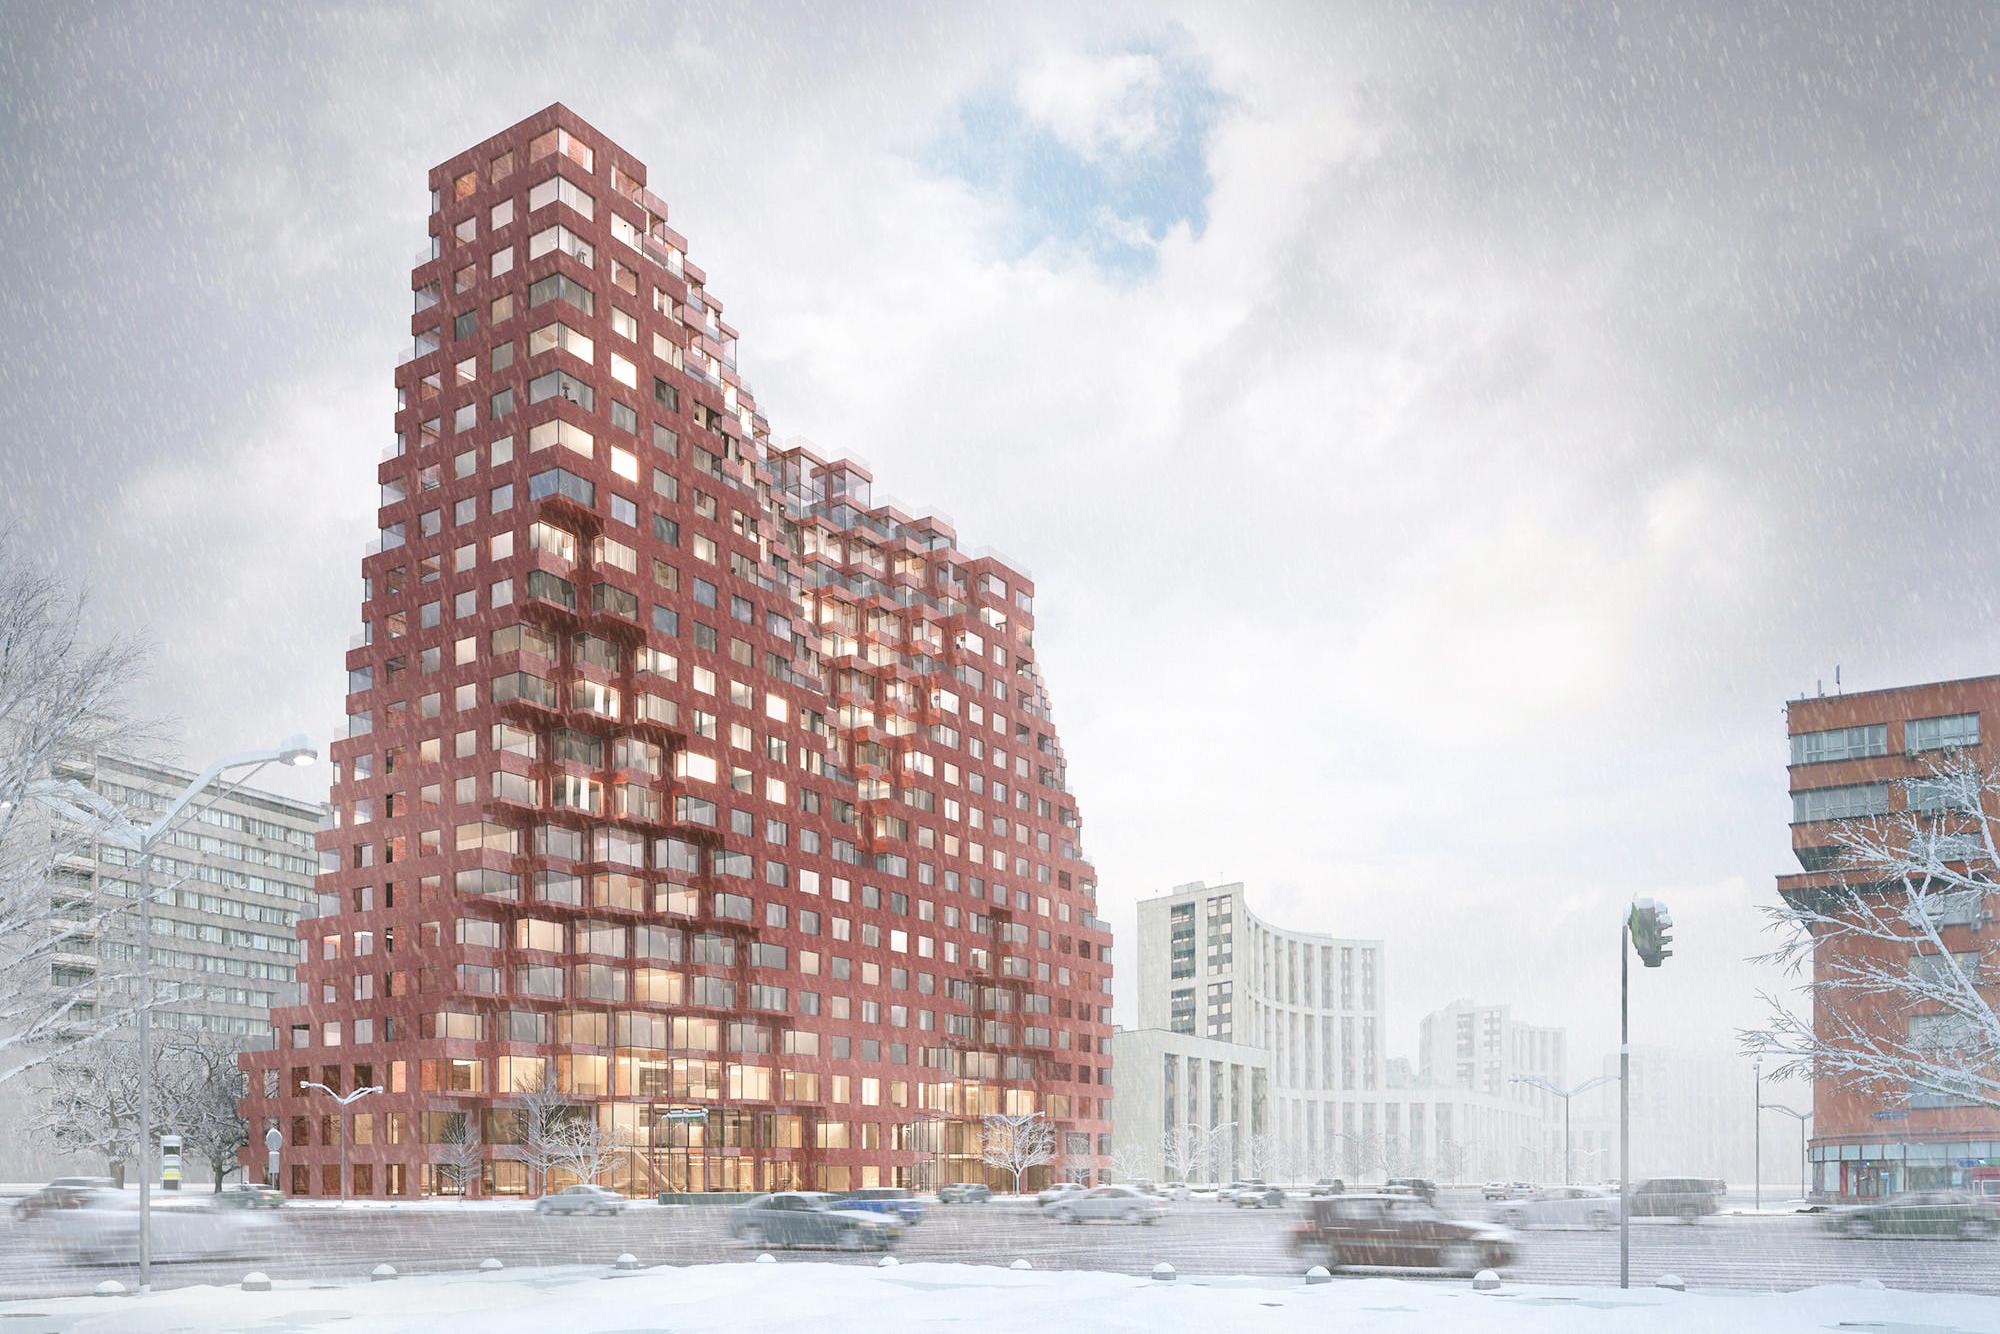 Архитектурный шедевр RED7 появится в Москве